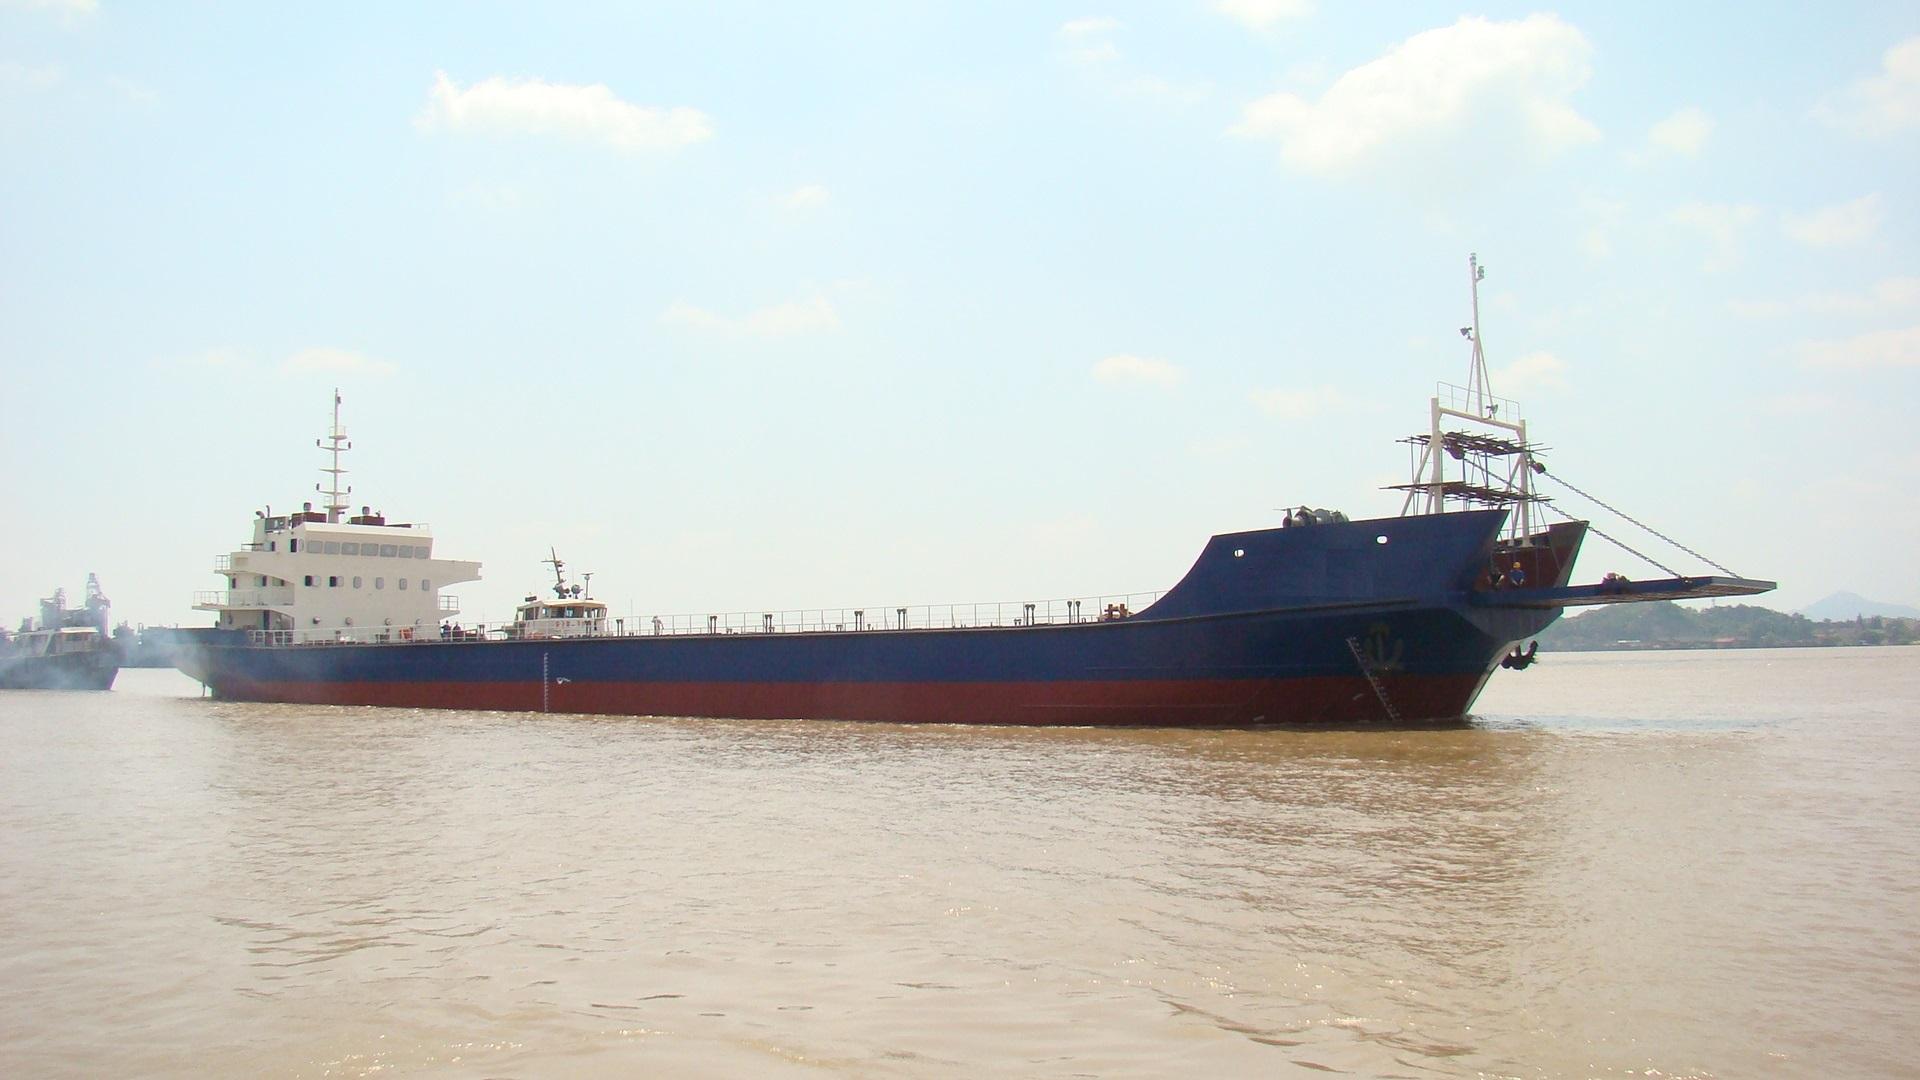 4000 Deck barge